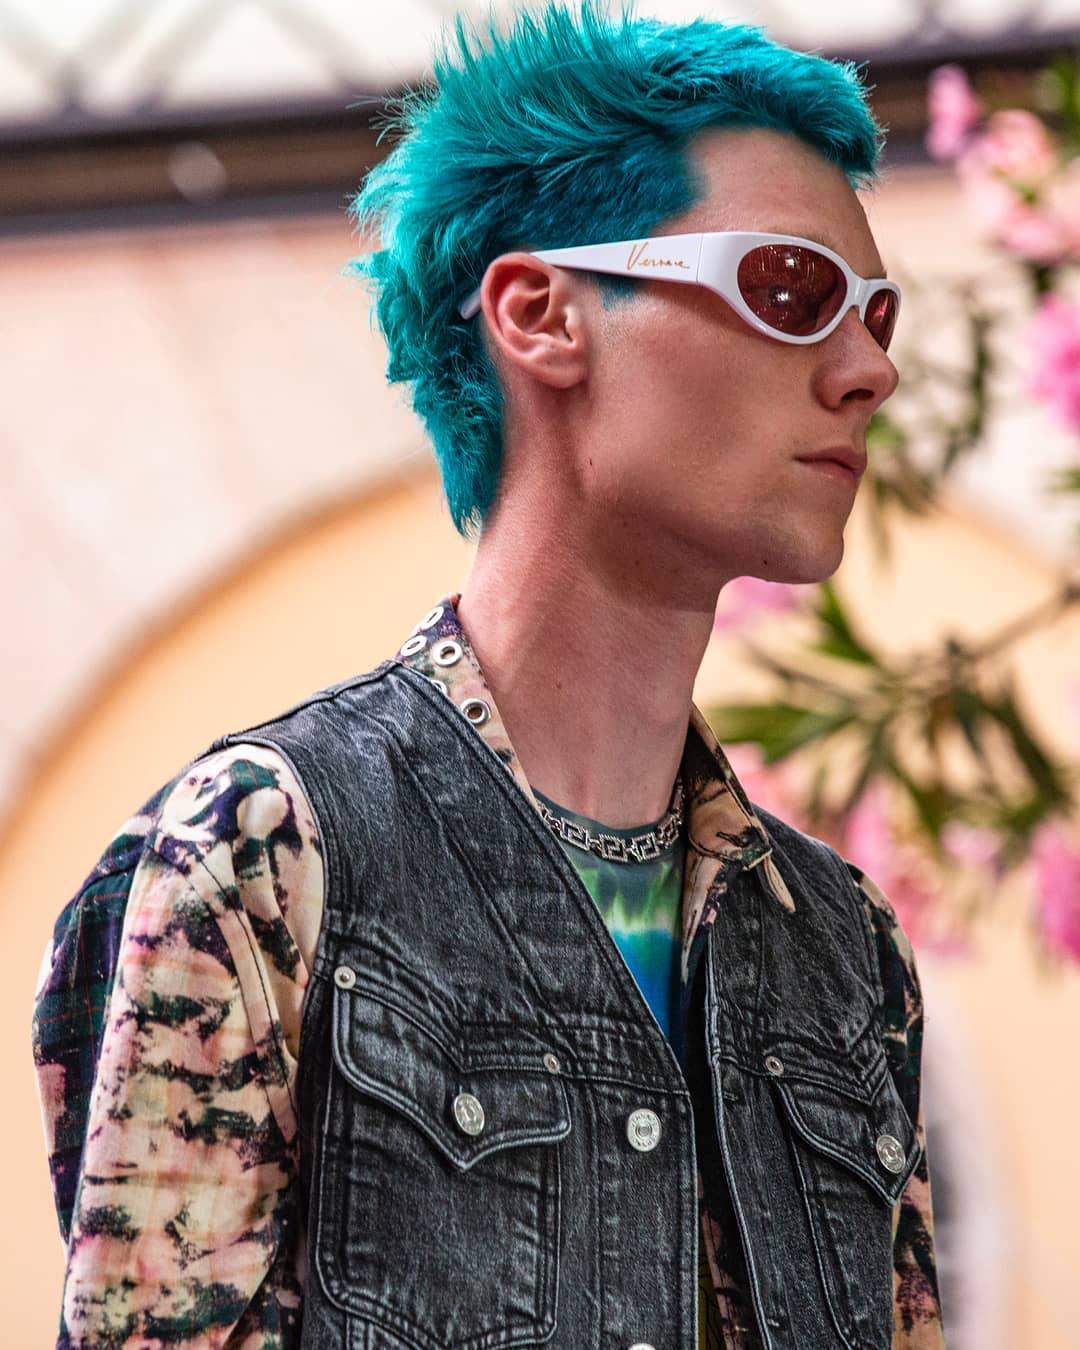 Homenaje a Keith Flint en la MFW. Fotografía: Versace Instagram